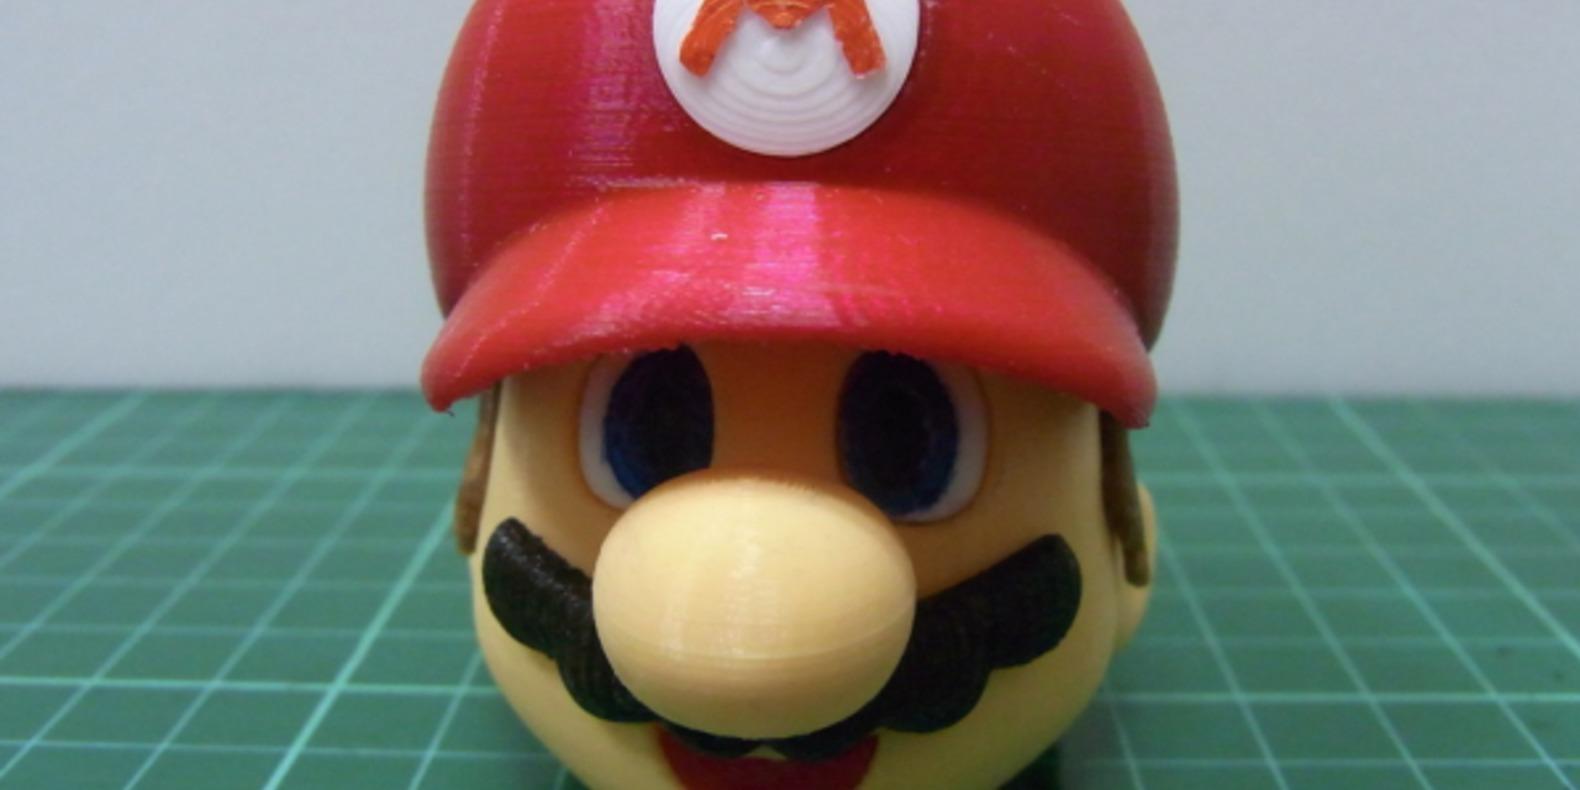 Super-Mario-modèle-3D-fichier-3D-cults-2.png